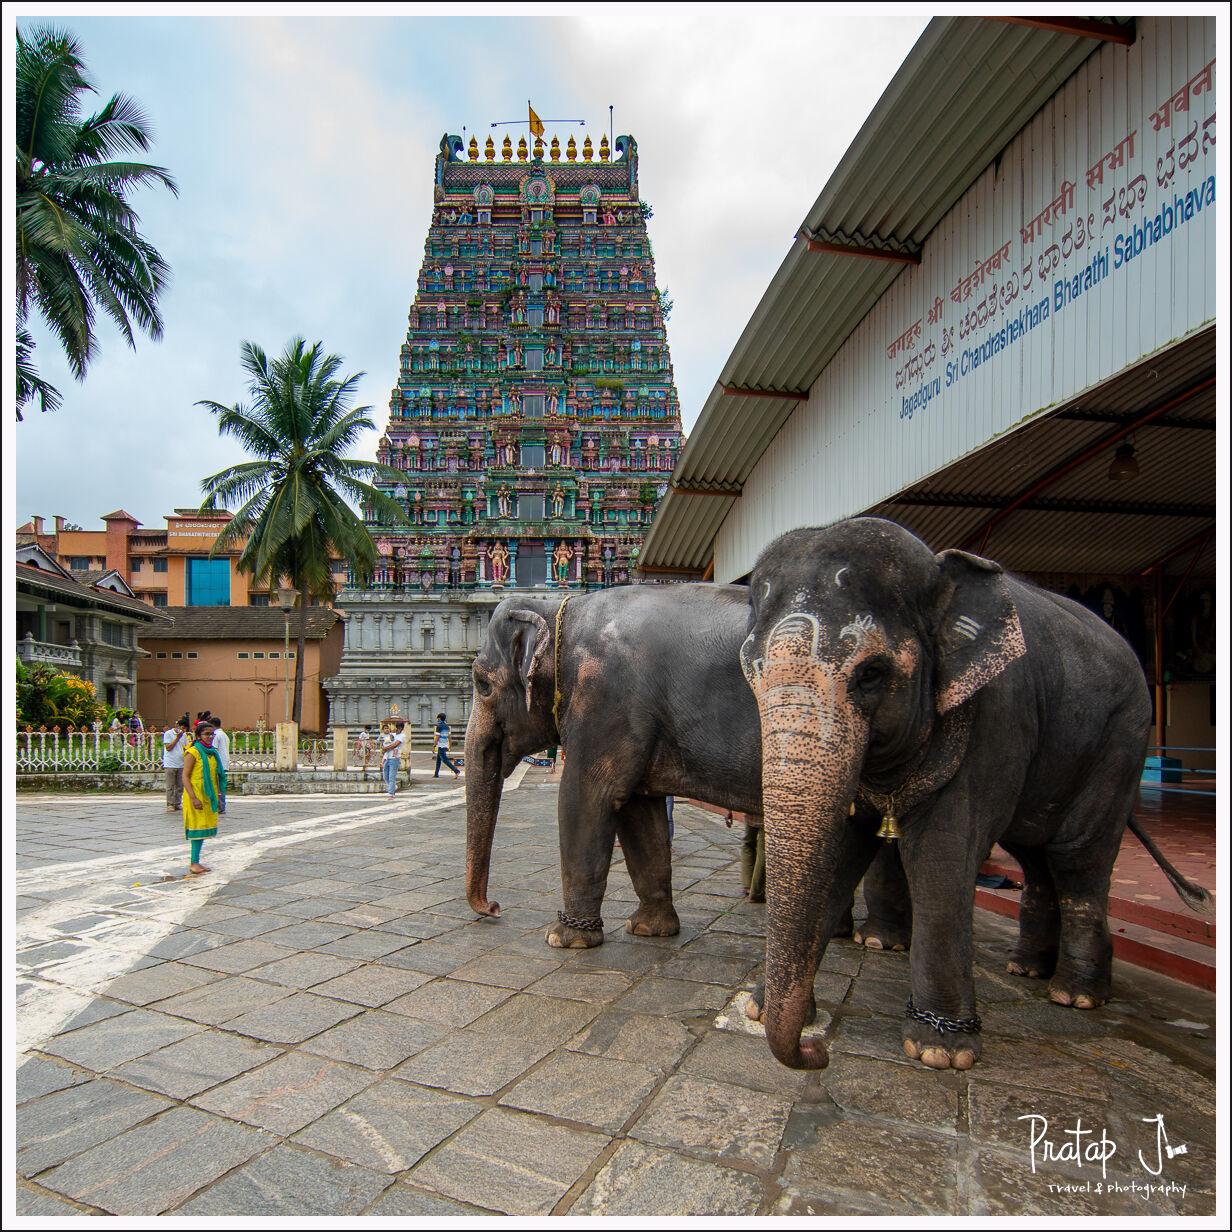 Elpehants at Sringeri Temple